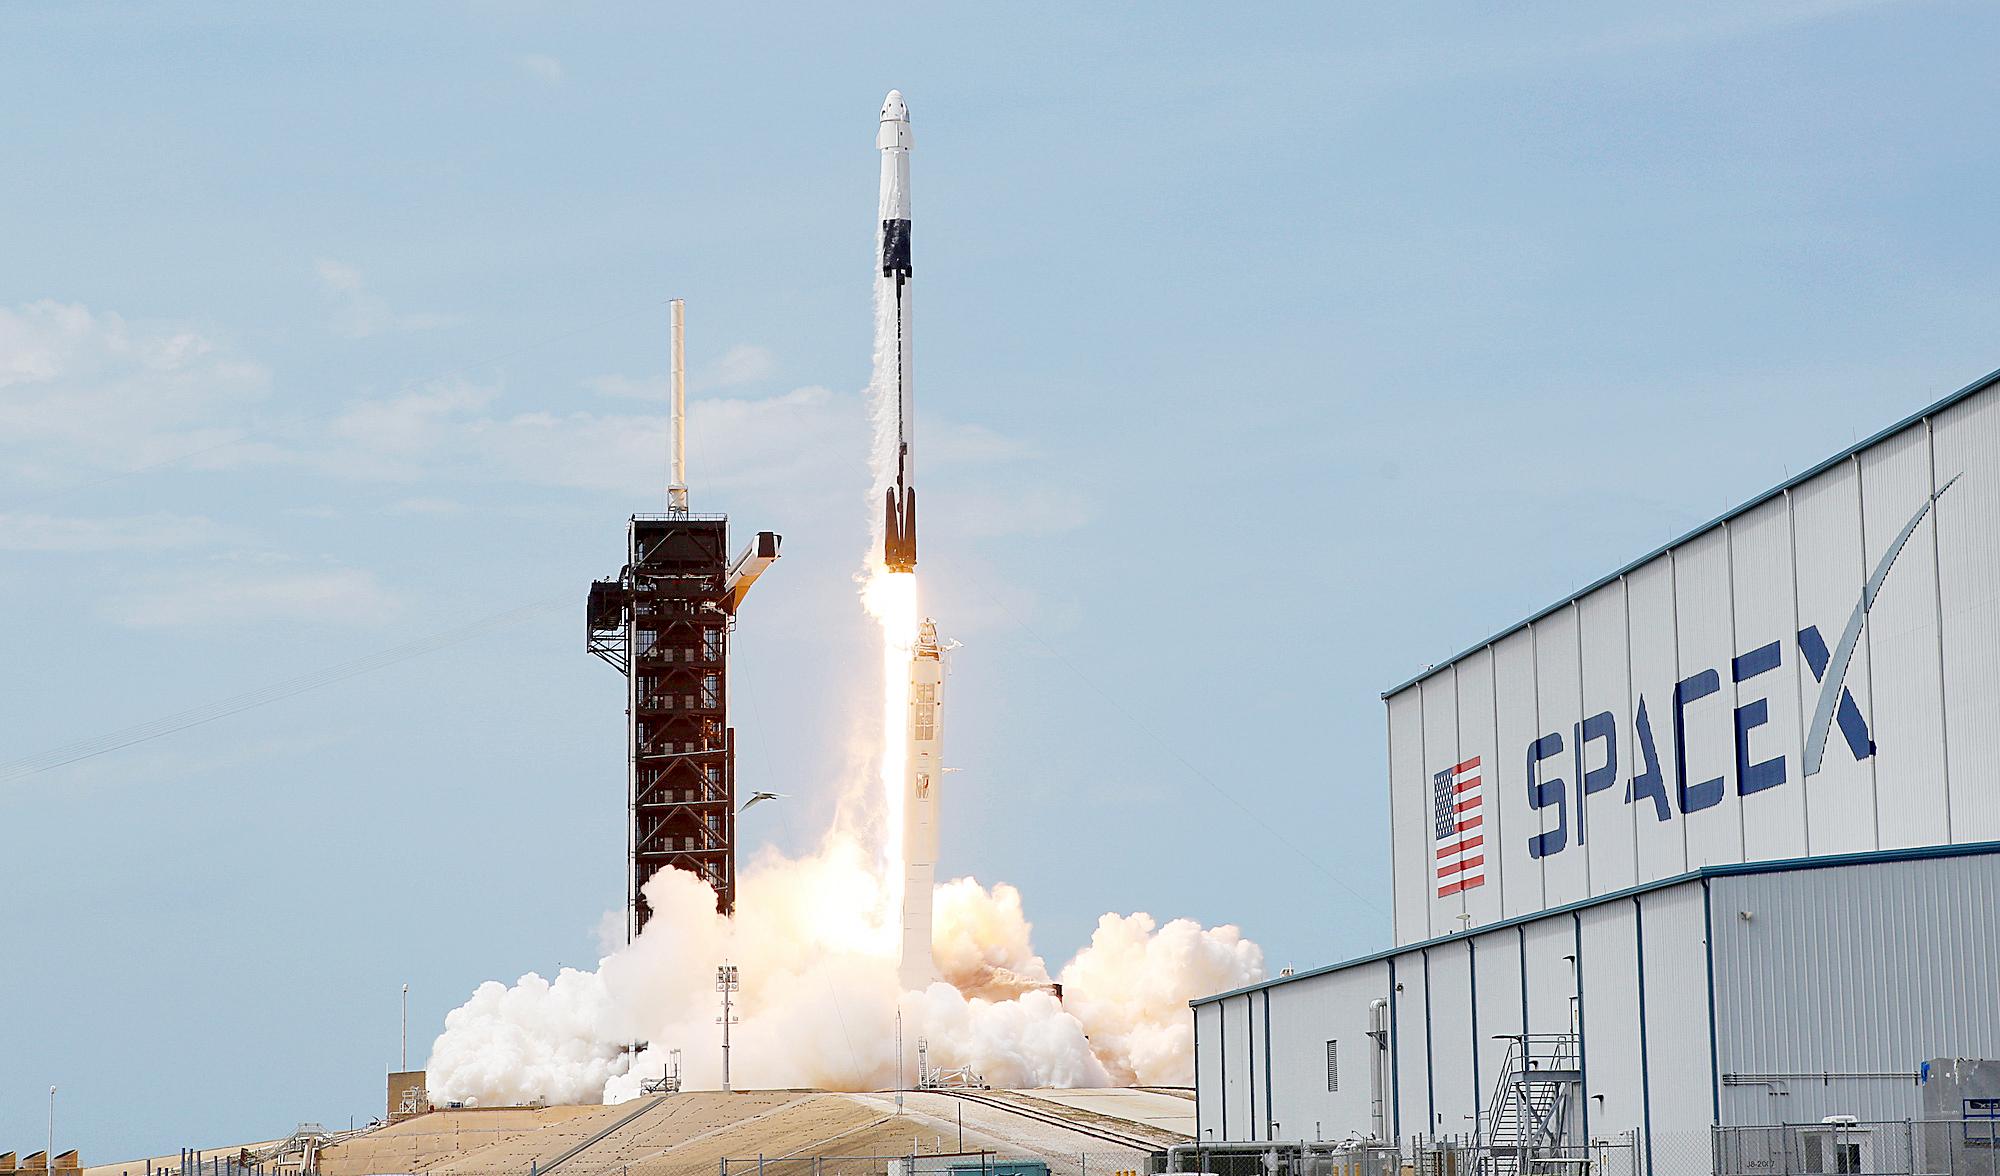 """Tàu Crew Dragon 4 chỗ, hình dạng giống với các tàu Apollo trước đây nhưng được trang bị các công nghệ hiện đại. """"Chúng tôi đã ngủ một ít vào đêm qua. Chúng tôi ngạc nhiên khi có thể ngủ rất ngon trên chiếc tàu mới này"""", Behnken cho biết. Trước đó, tên lửa Falcon 9 đưa tàu Crew Dragon lên quỹ đạo từ bệ phóng 39A ở Trung tâm Vũ trụ Kennedy của NASA, Florida (Mỹ) vào ngày 30-5 (giờ Mỹ) - Ảnh: NASA"""